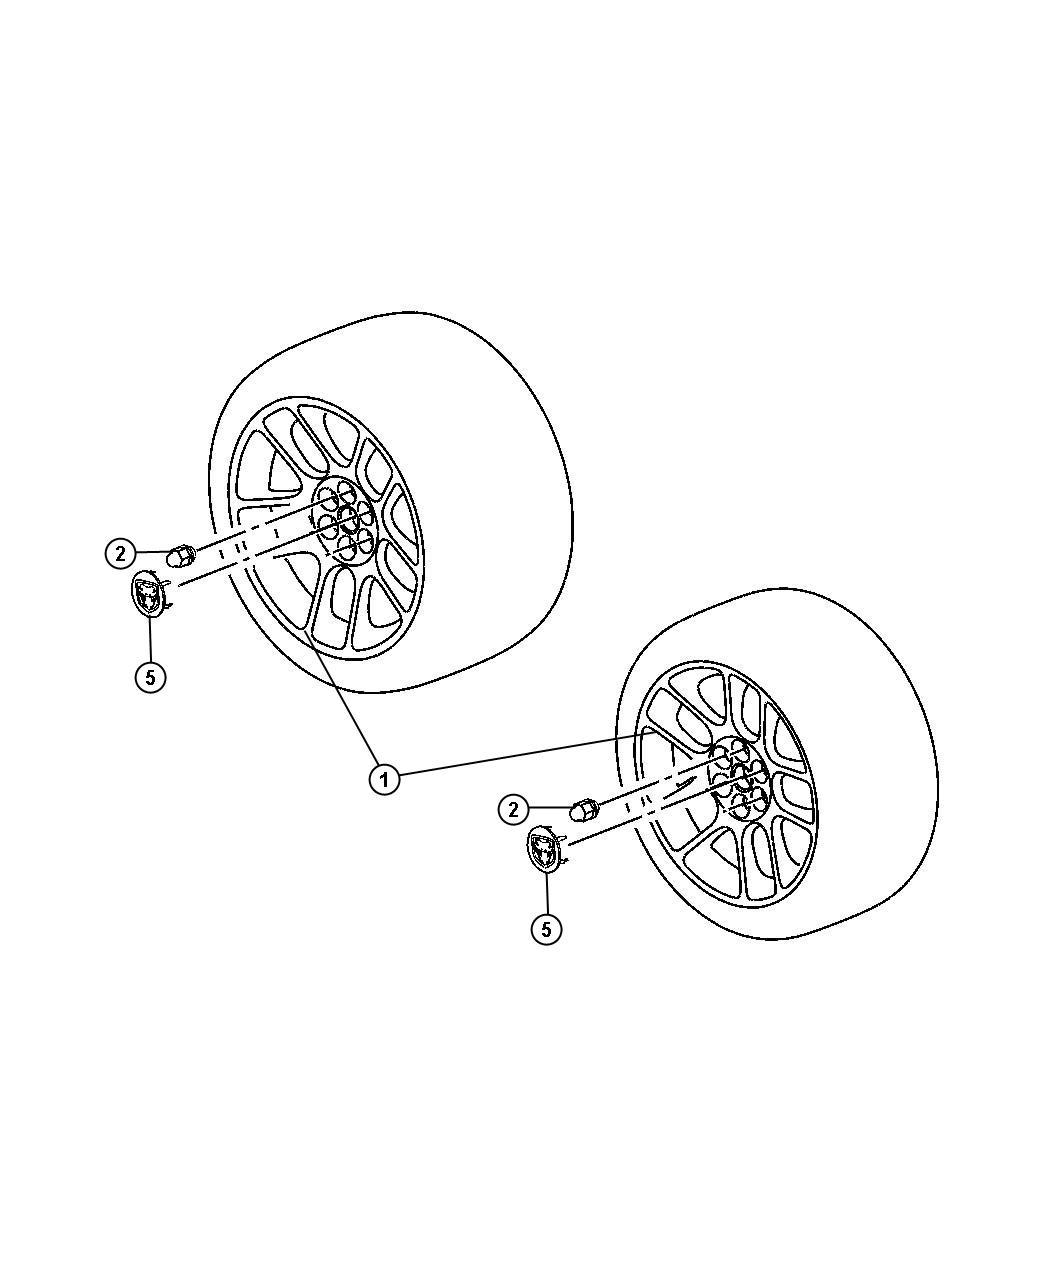 2010 Dodge Viper Wheel. Aluminum. Front. [18x10.0 19x13.0